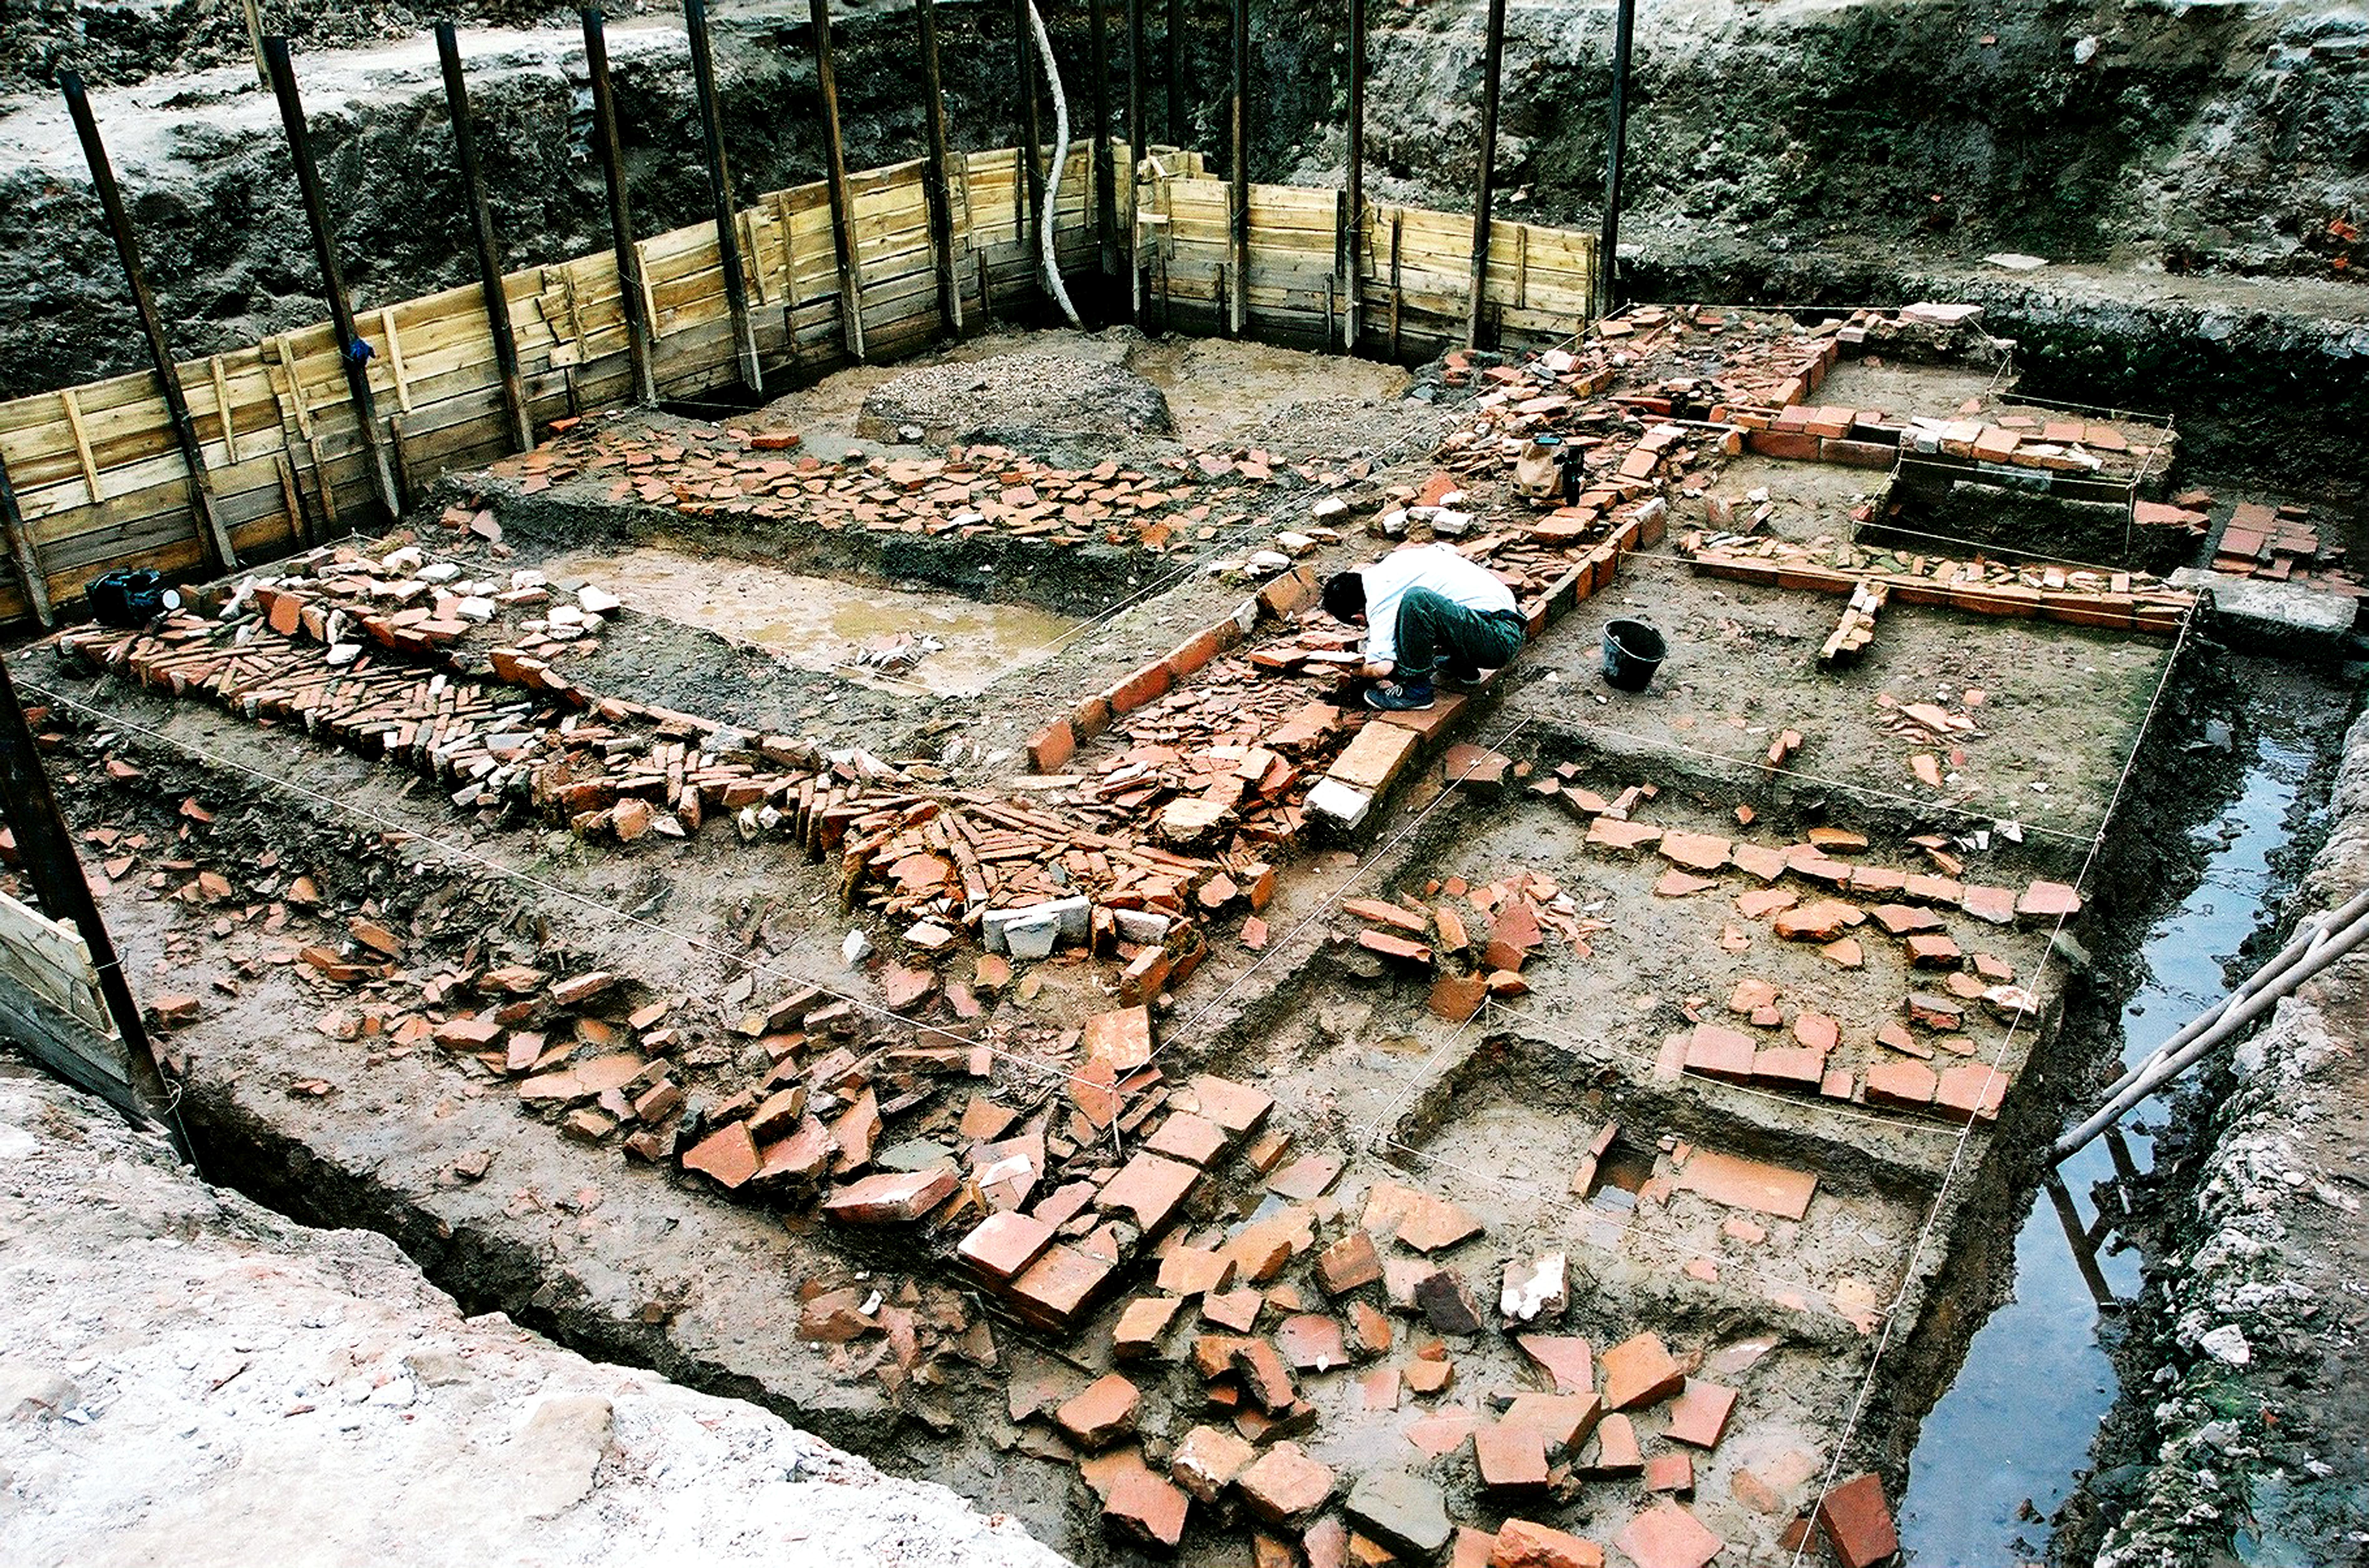 Gạch xếp hình hoa chanh được nhà Trần sử dụng để lát đường (có ý kiến cho rằng hình hoa chanh trang trí chân tường) trong Cấm thành (Khu D). Lối đi được lát bằng gạch vuông ở phía trên ảnh cũng vào thời Trần nhưng ở giai đoạn sớm hơn. Ảnh: Viện Khảo cổ học (2005).